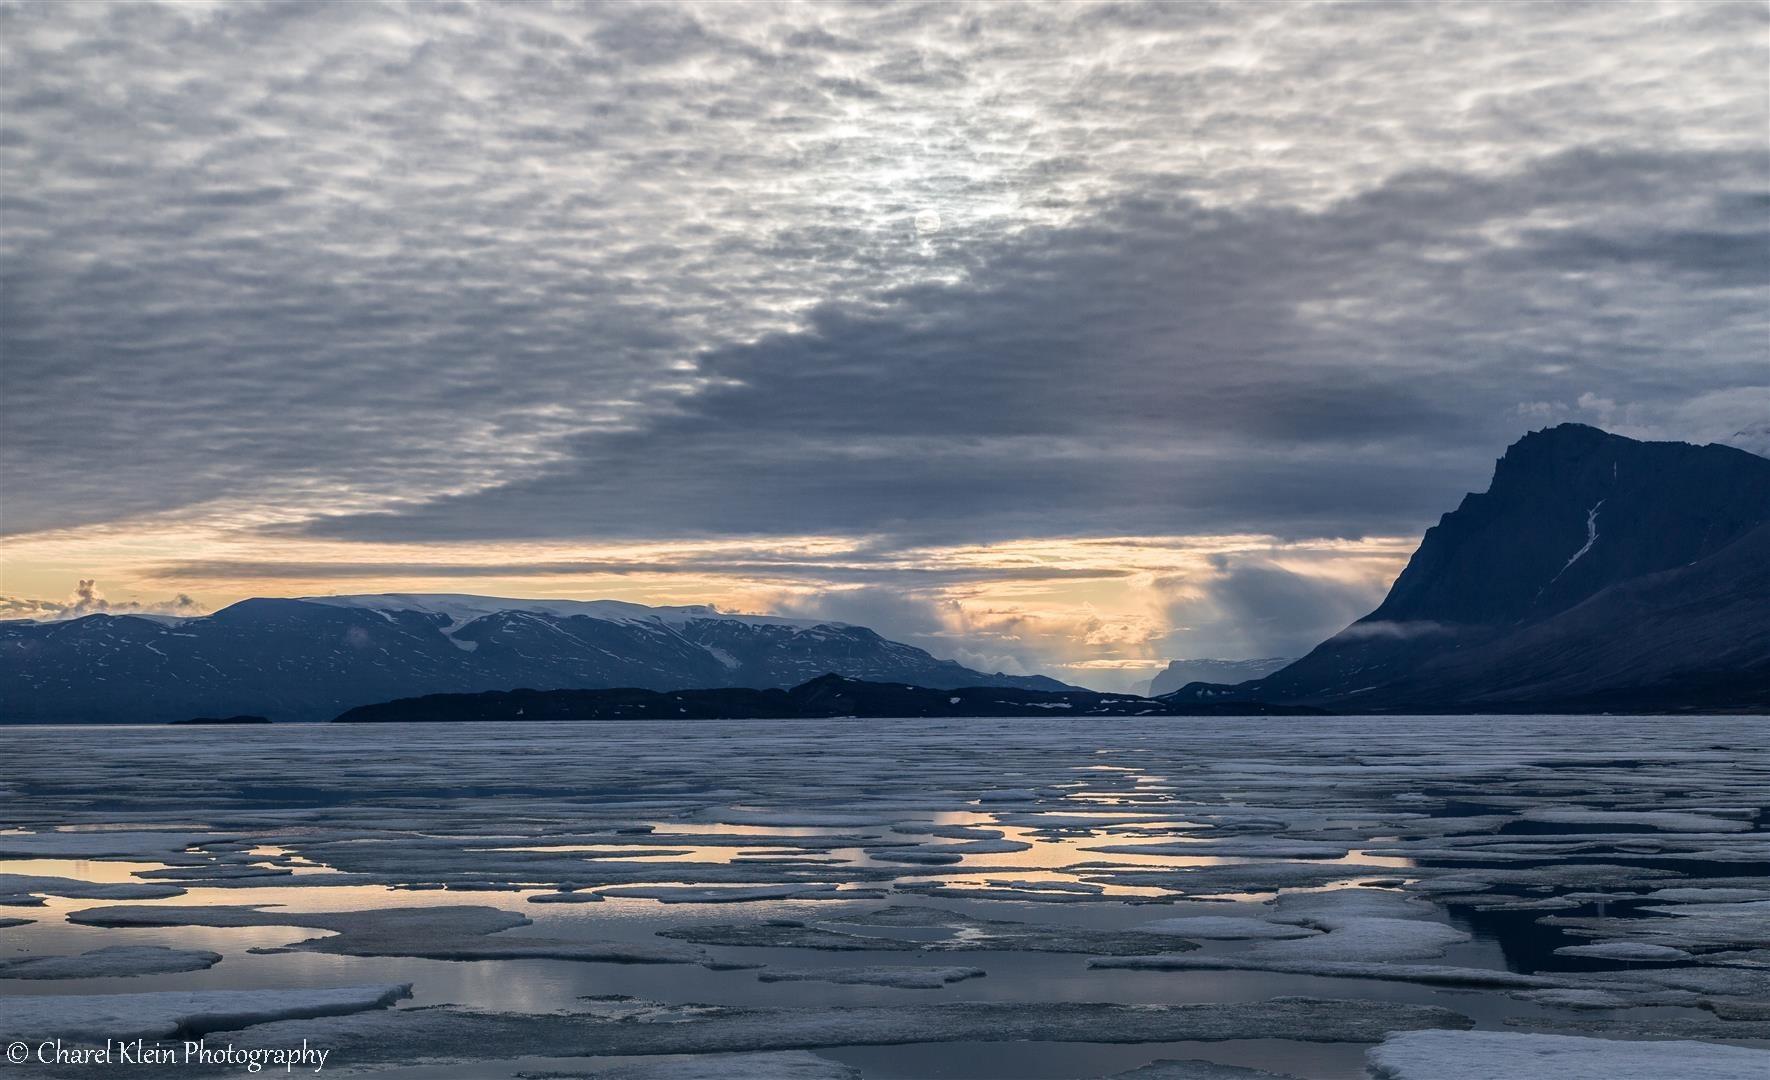 Kong Oscar Fjord